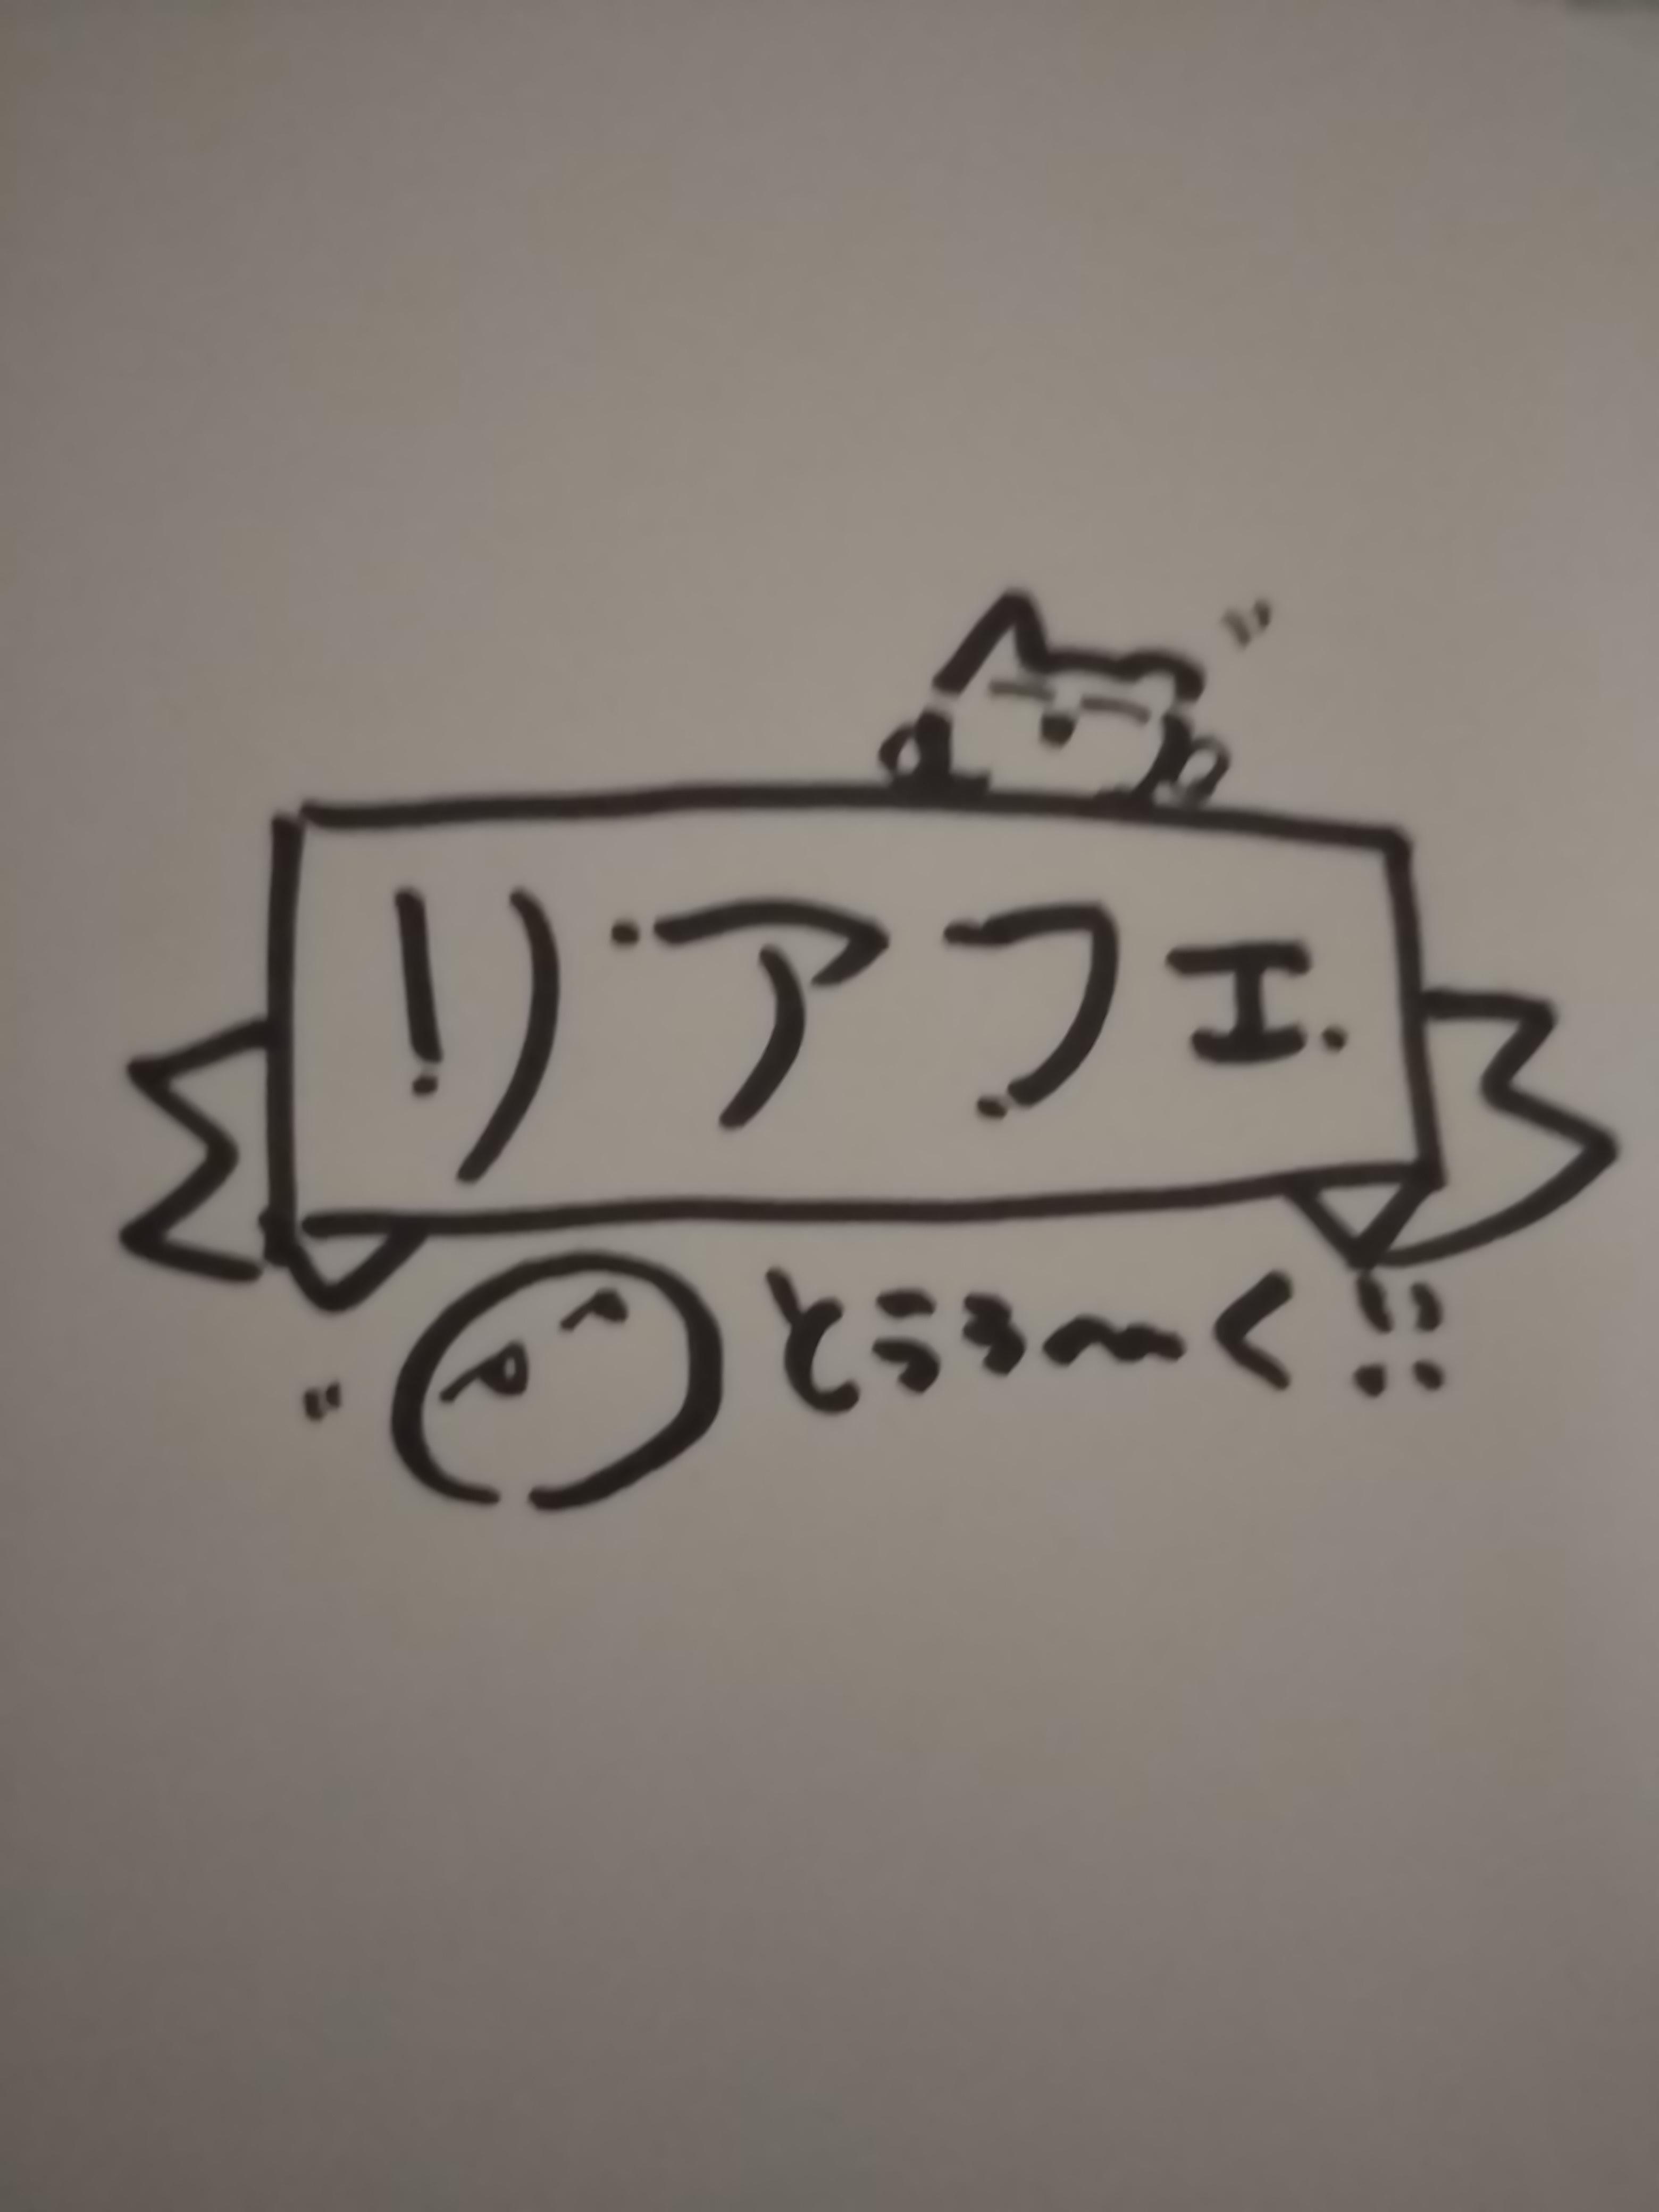 【#5】リアフェラジオ【守谷D回】の感想!